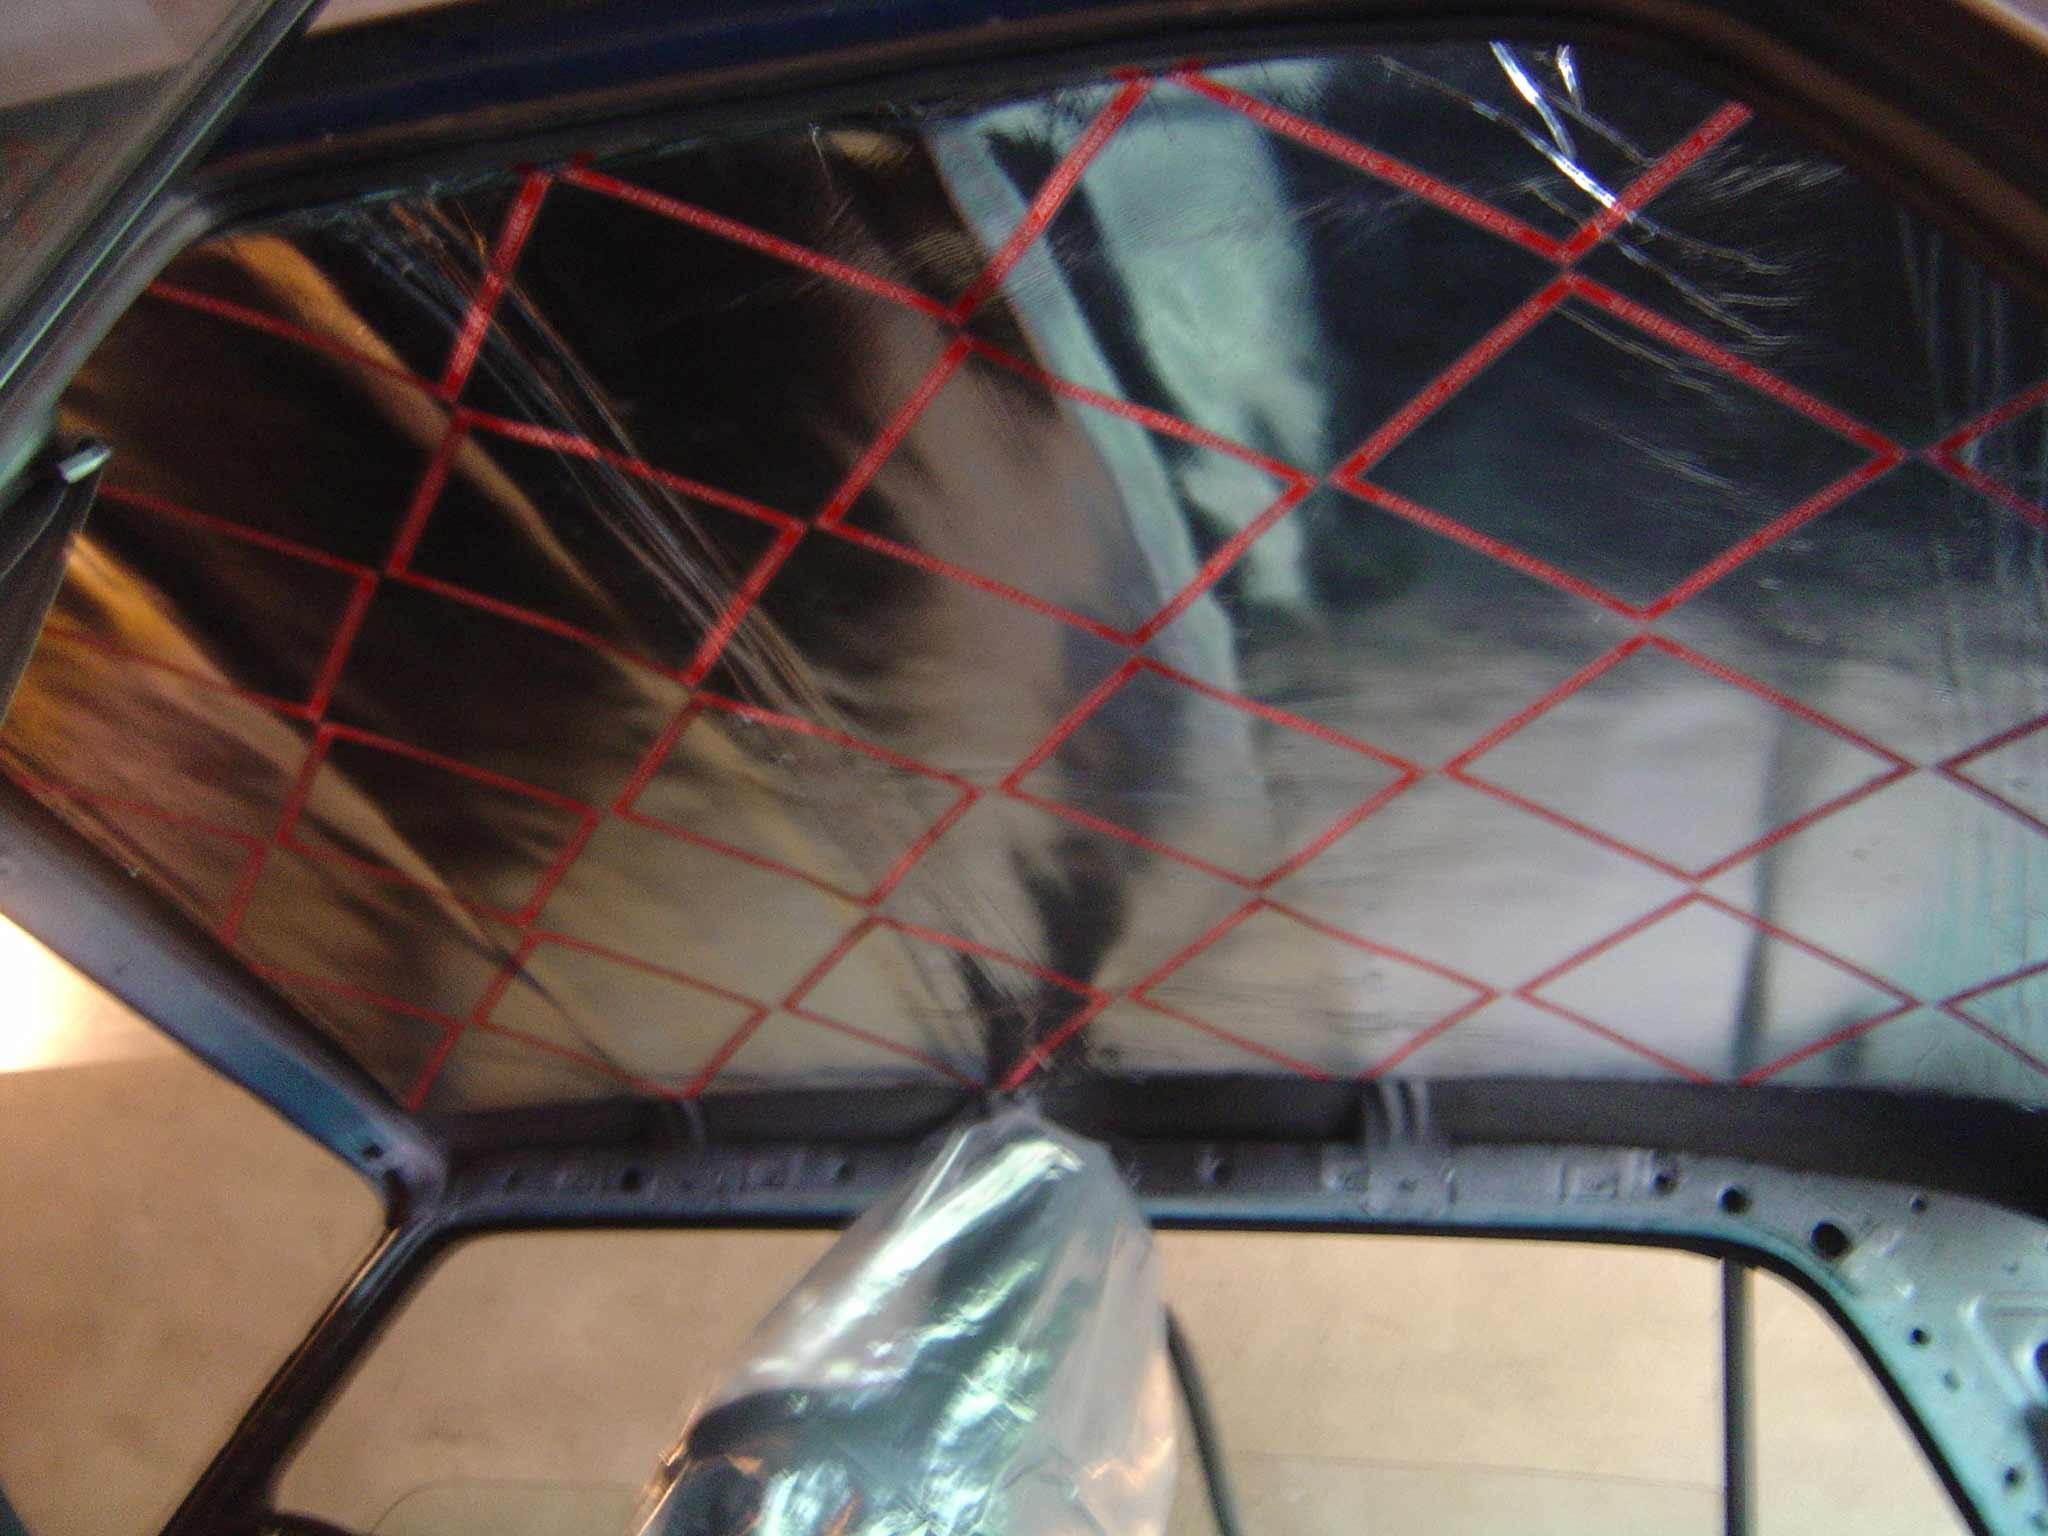 Liod шумоизоляция автомобиля ваз 2105 это